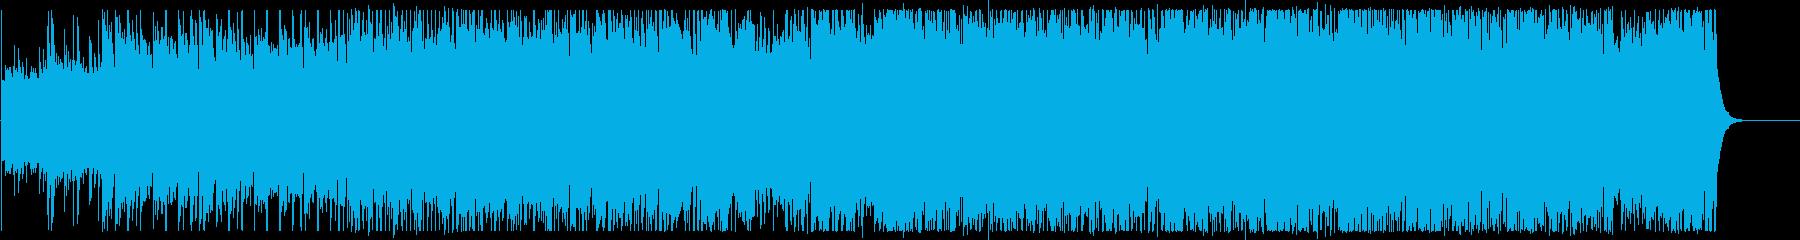 ノスタルジック サーカス アコーディオンの再生済みの波形